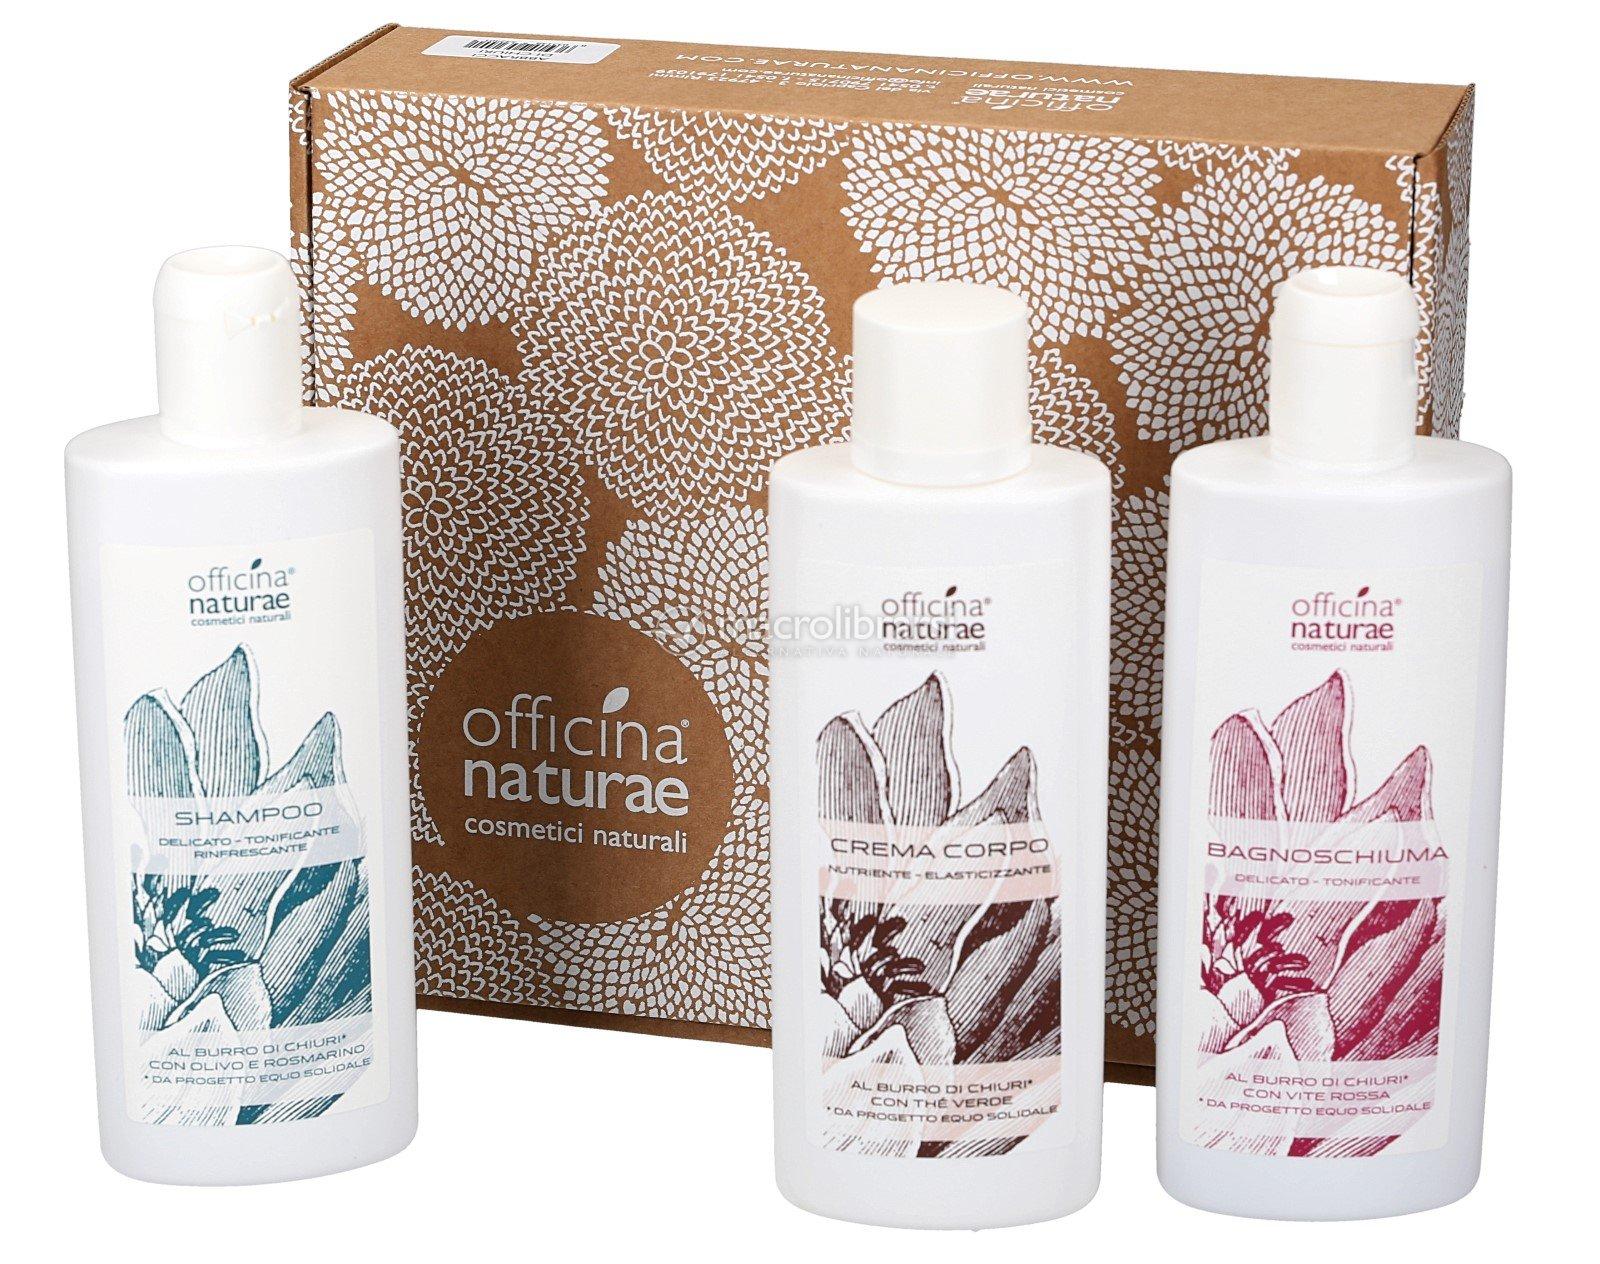 Bagnoschiuma Naturale : Gift box abbracci di chiuri crema corpo bagnoschiuma shampoo